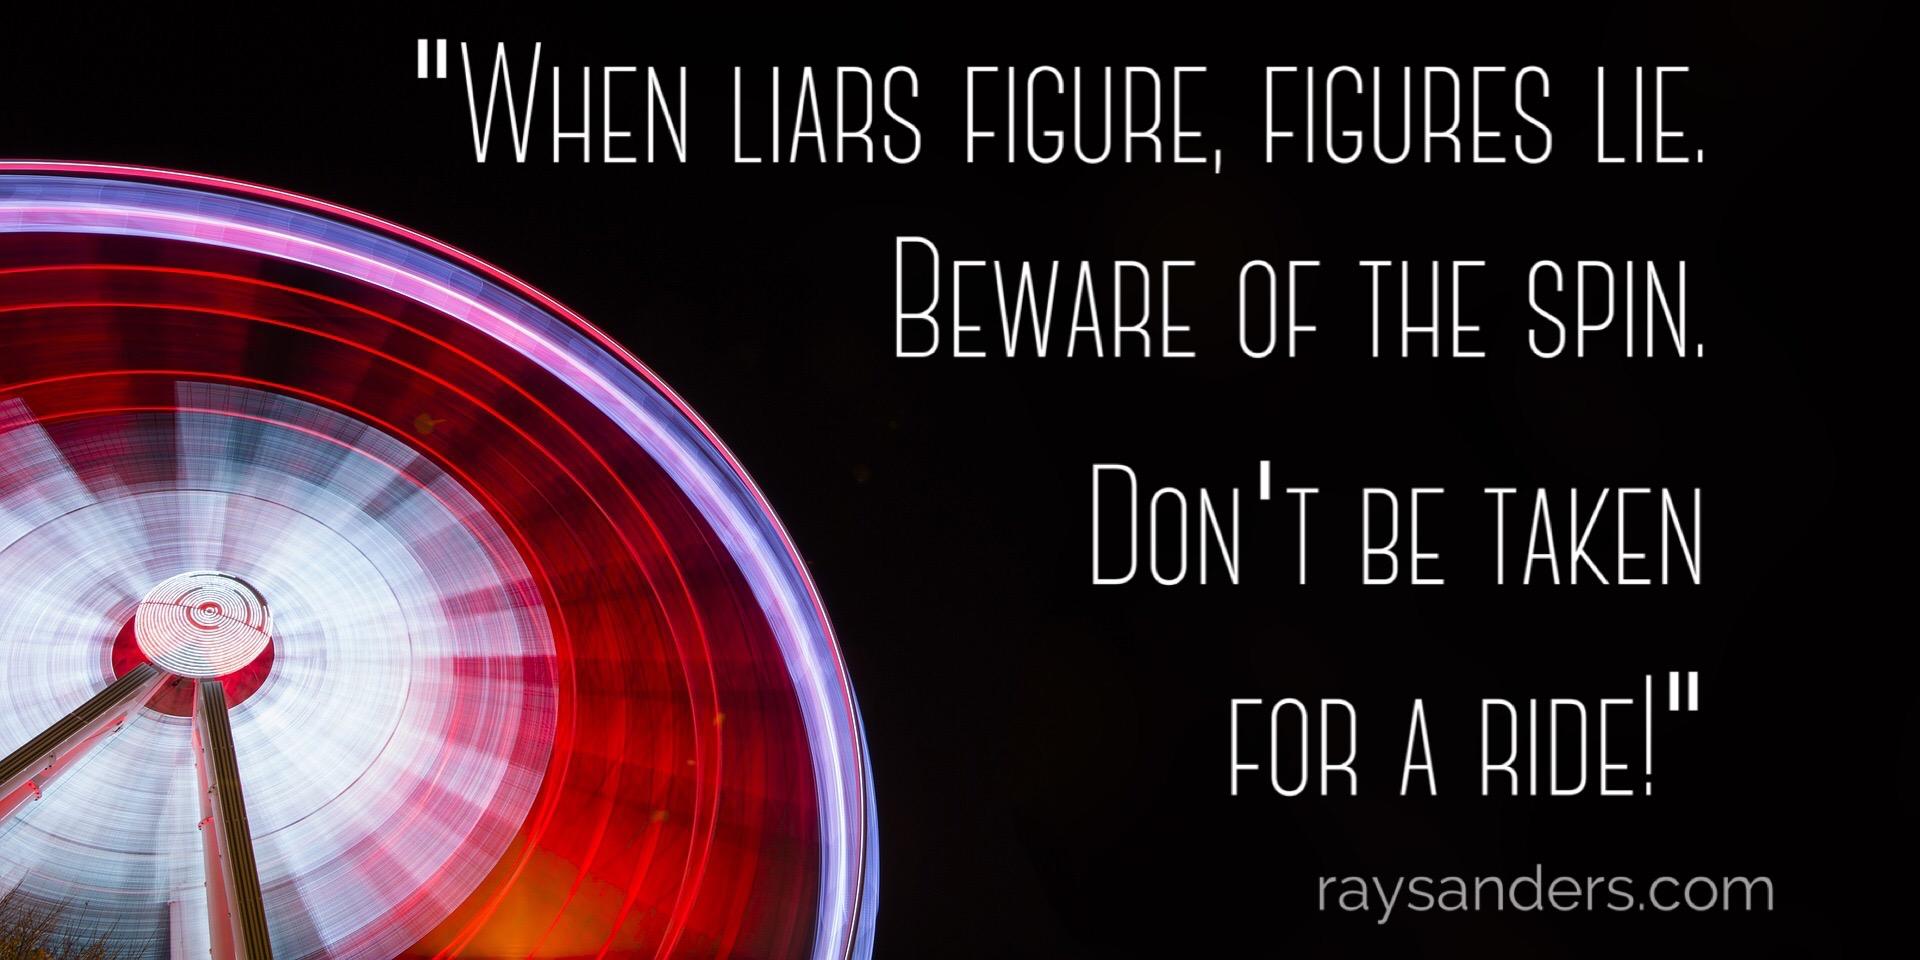 Liars Figure. Figures lie.